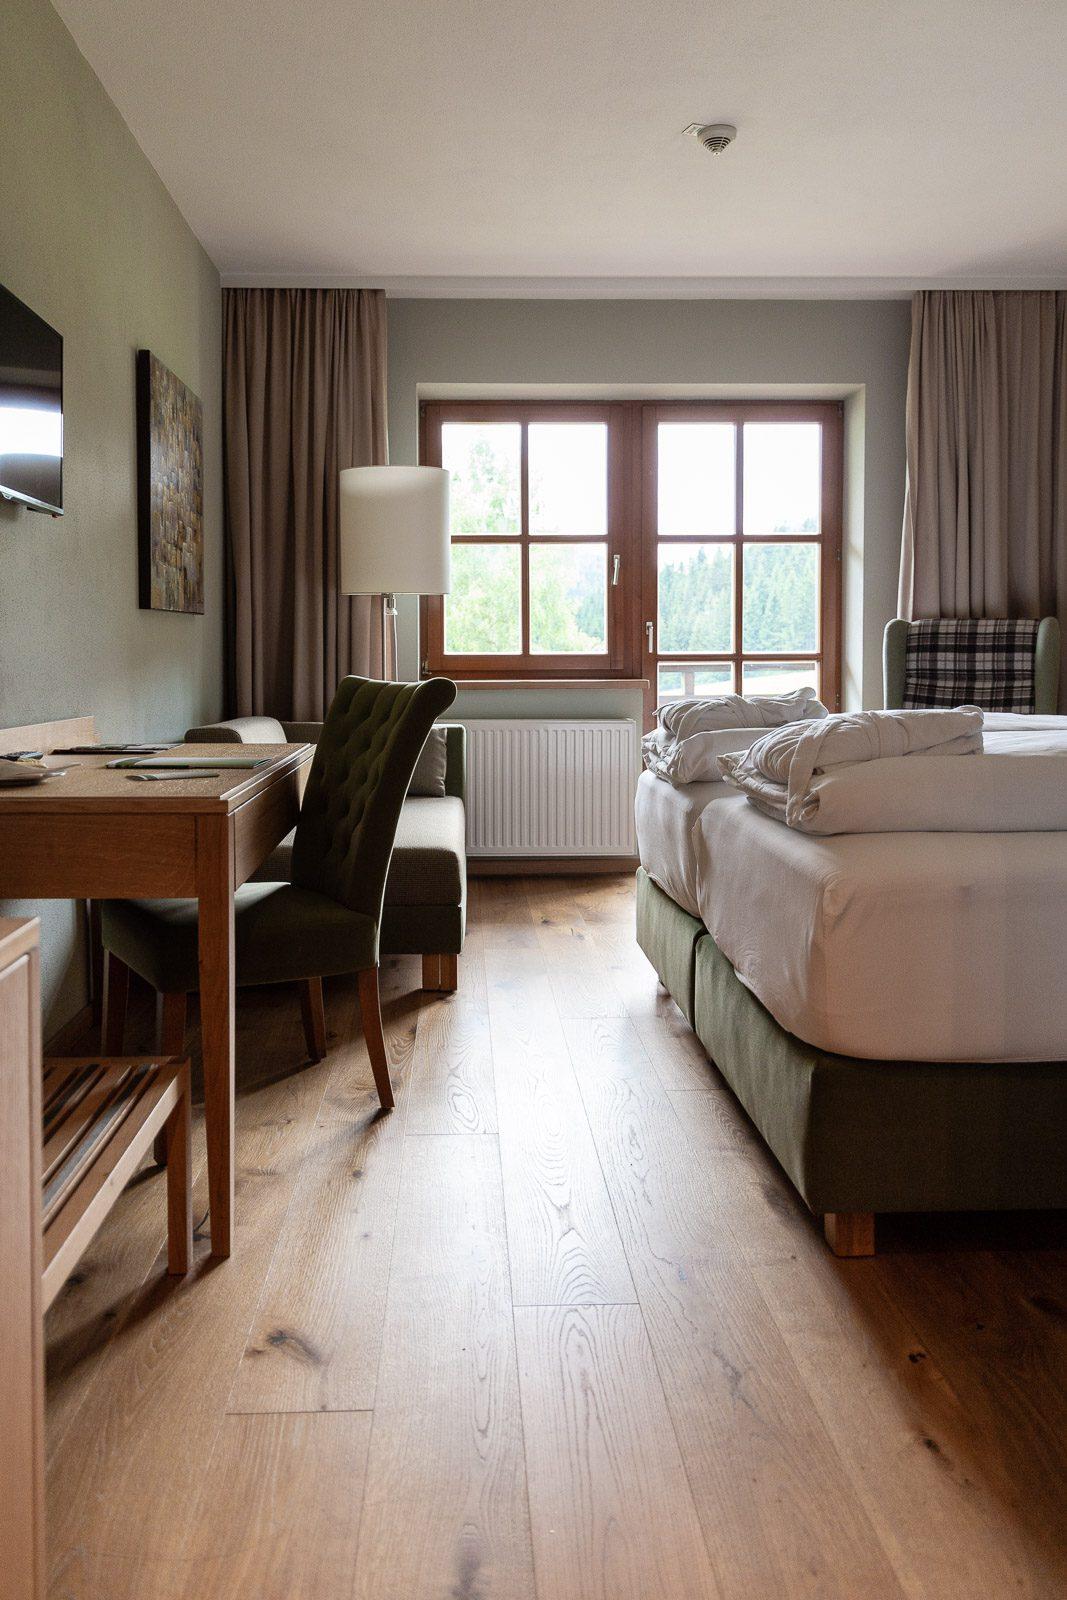 Zimmer Hotel Teichwirt, Hotelzimmer, Hotel Teichwirt - Erholung im Naturpark Almenland am Teichalmsee // Teichalm, www.miss-classy.com #hotelteichalm #teichalm #natur